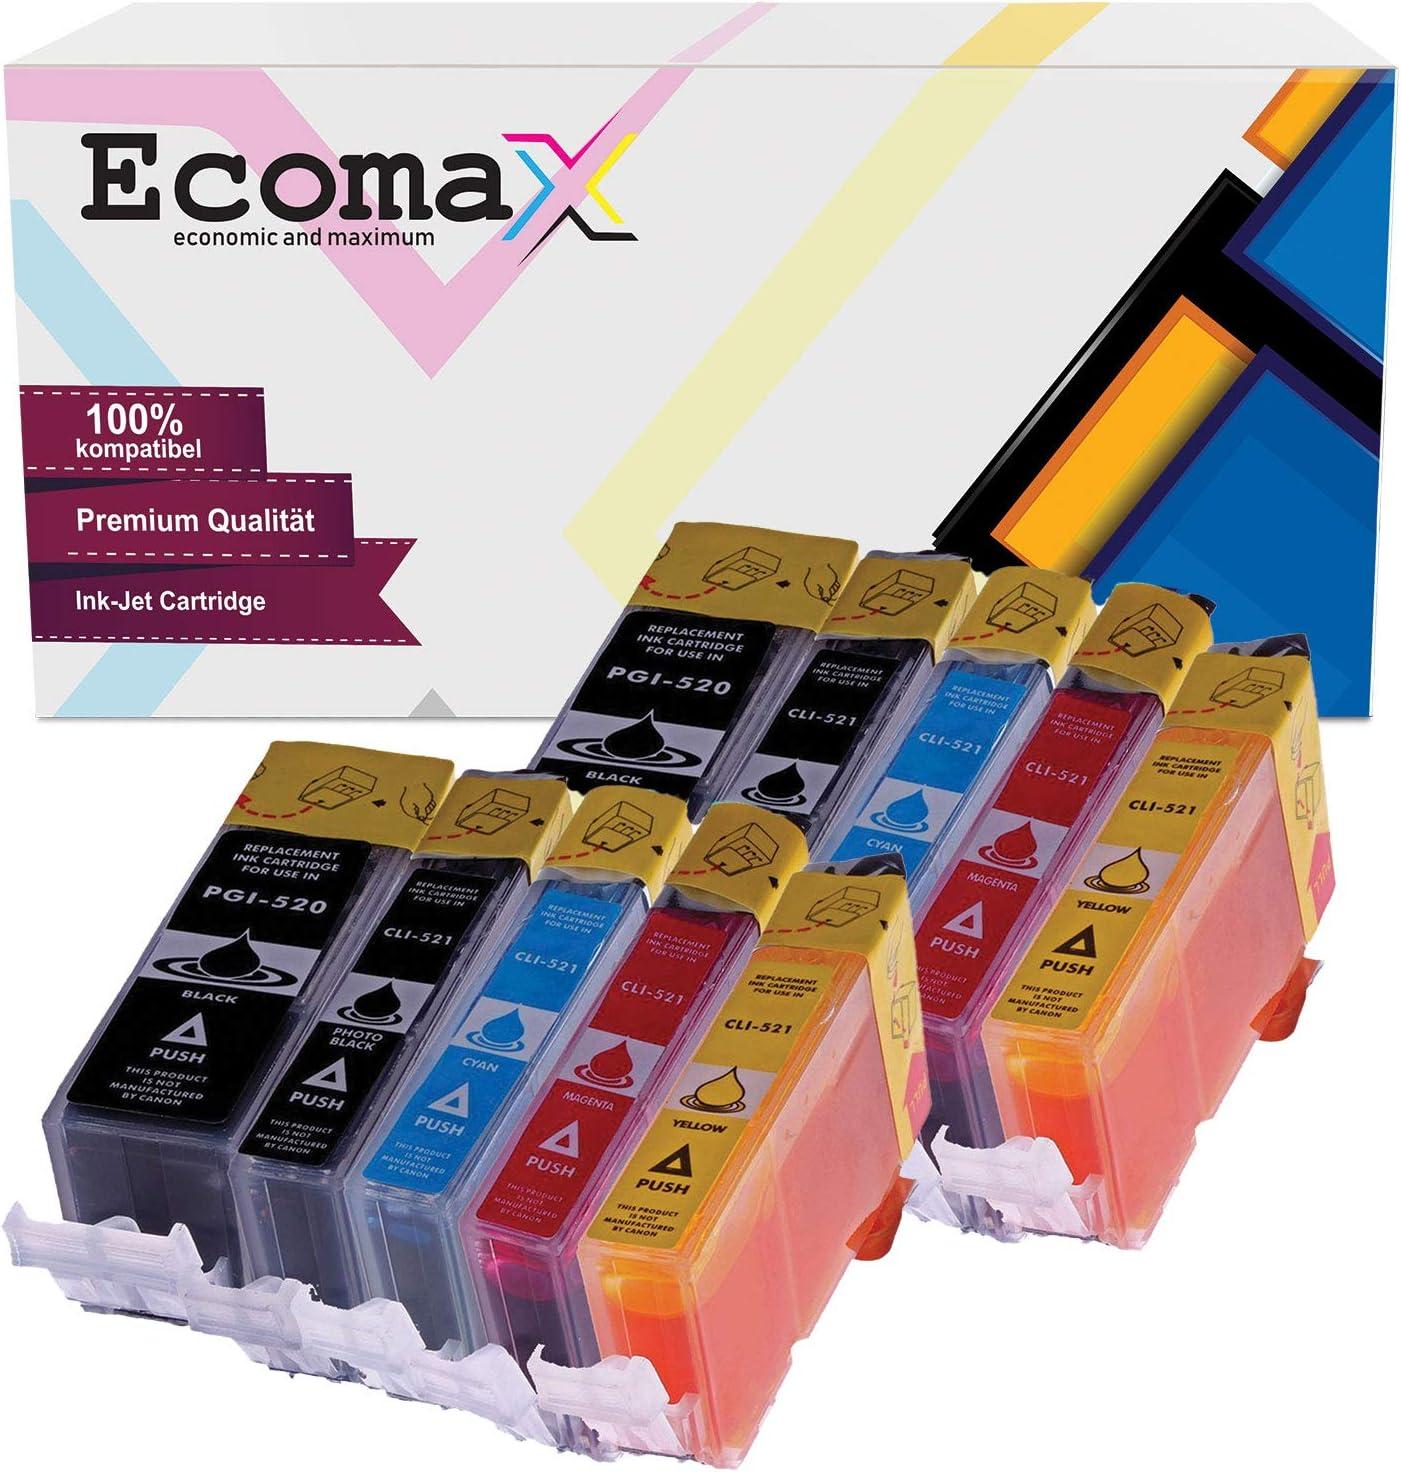 Ecomax 10 Kompatibel Tintenpatrone Als Ersatz Für Canon Pgi 520 Cli 521 Für Pixma Ip3600 Ip4600 Ip4700 Mp540 Mp550 Mp560 Mp990 Mx860 Bürobedarf Schreibwaren